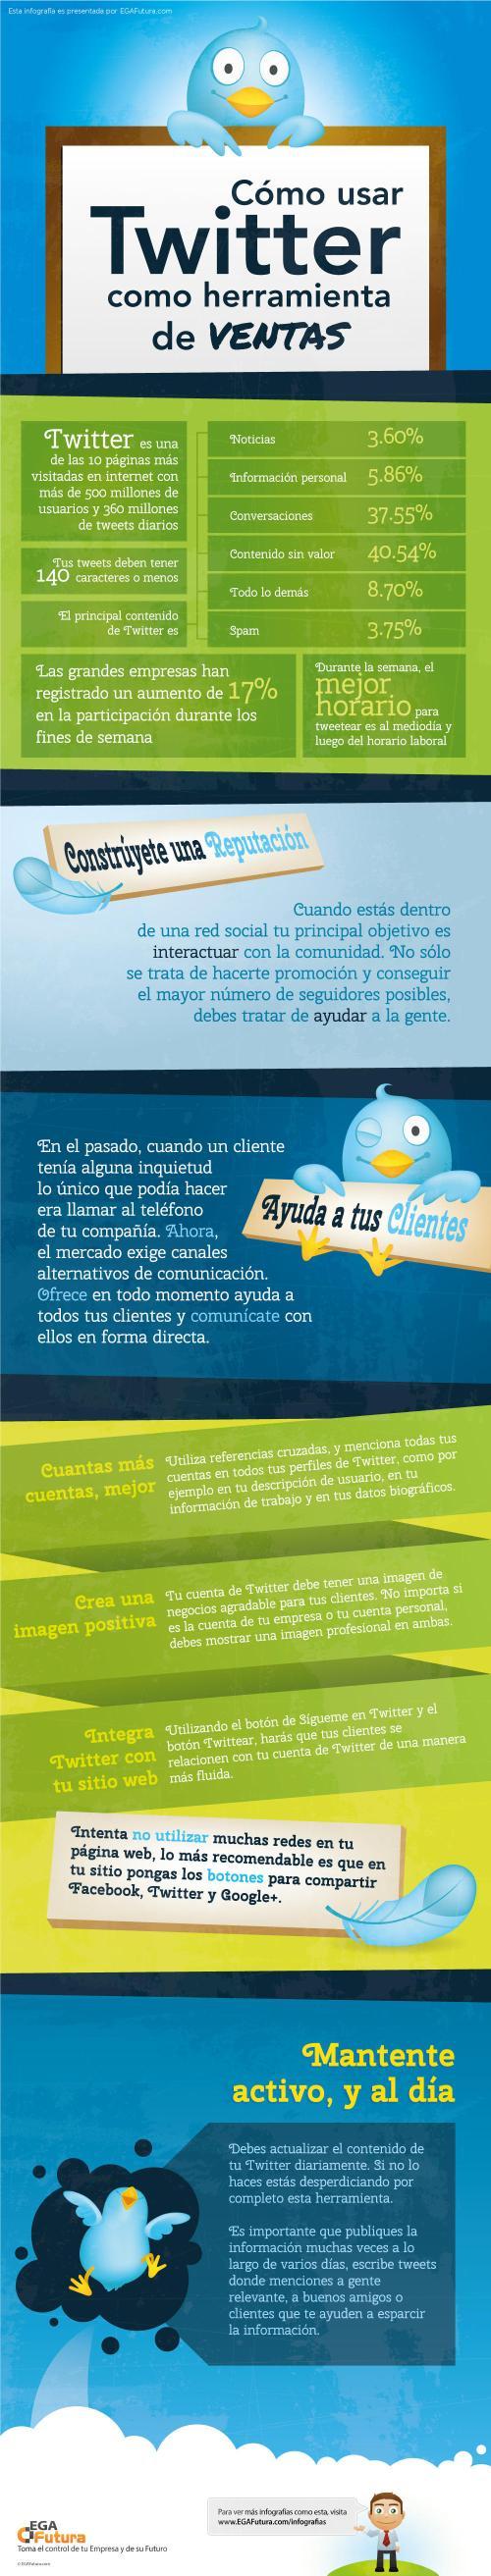 infografia_como_usar_twitter_como_herramienta_de_ventas